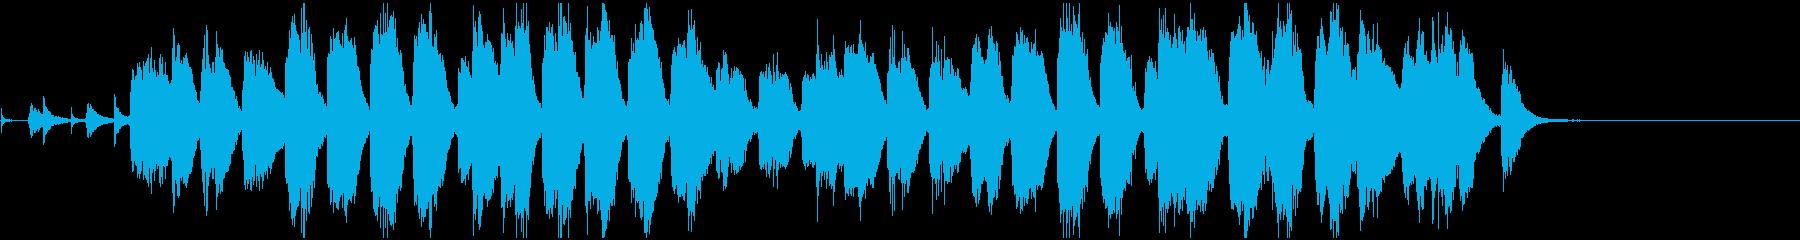 のんびりほのぼのしたピアノソロの再生済みの波形